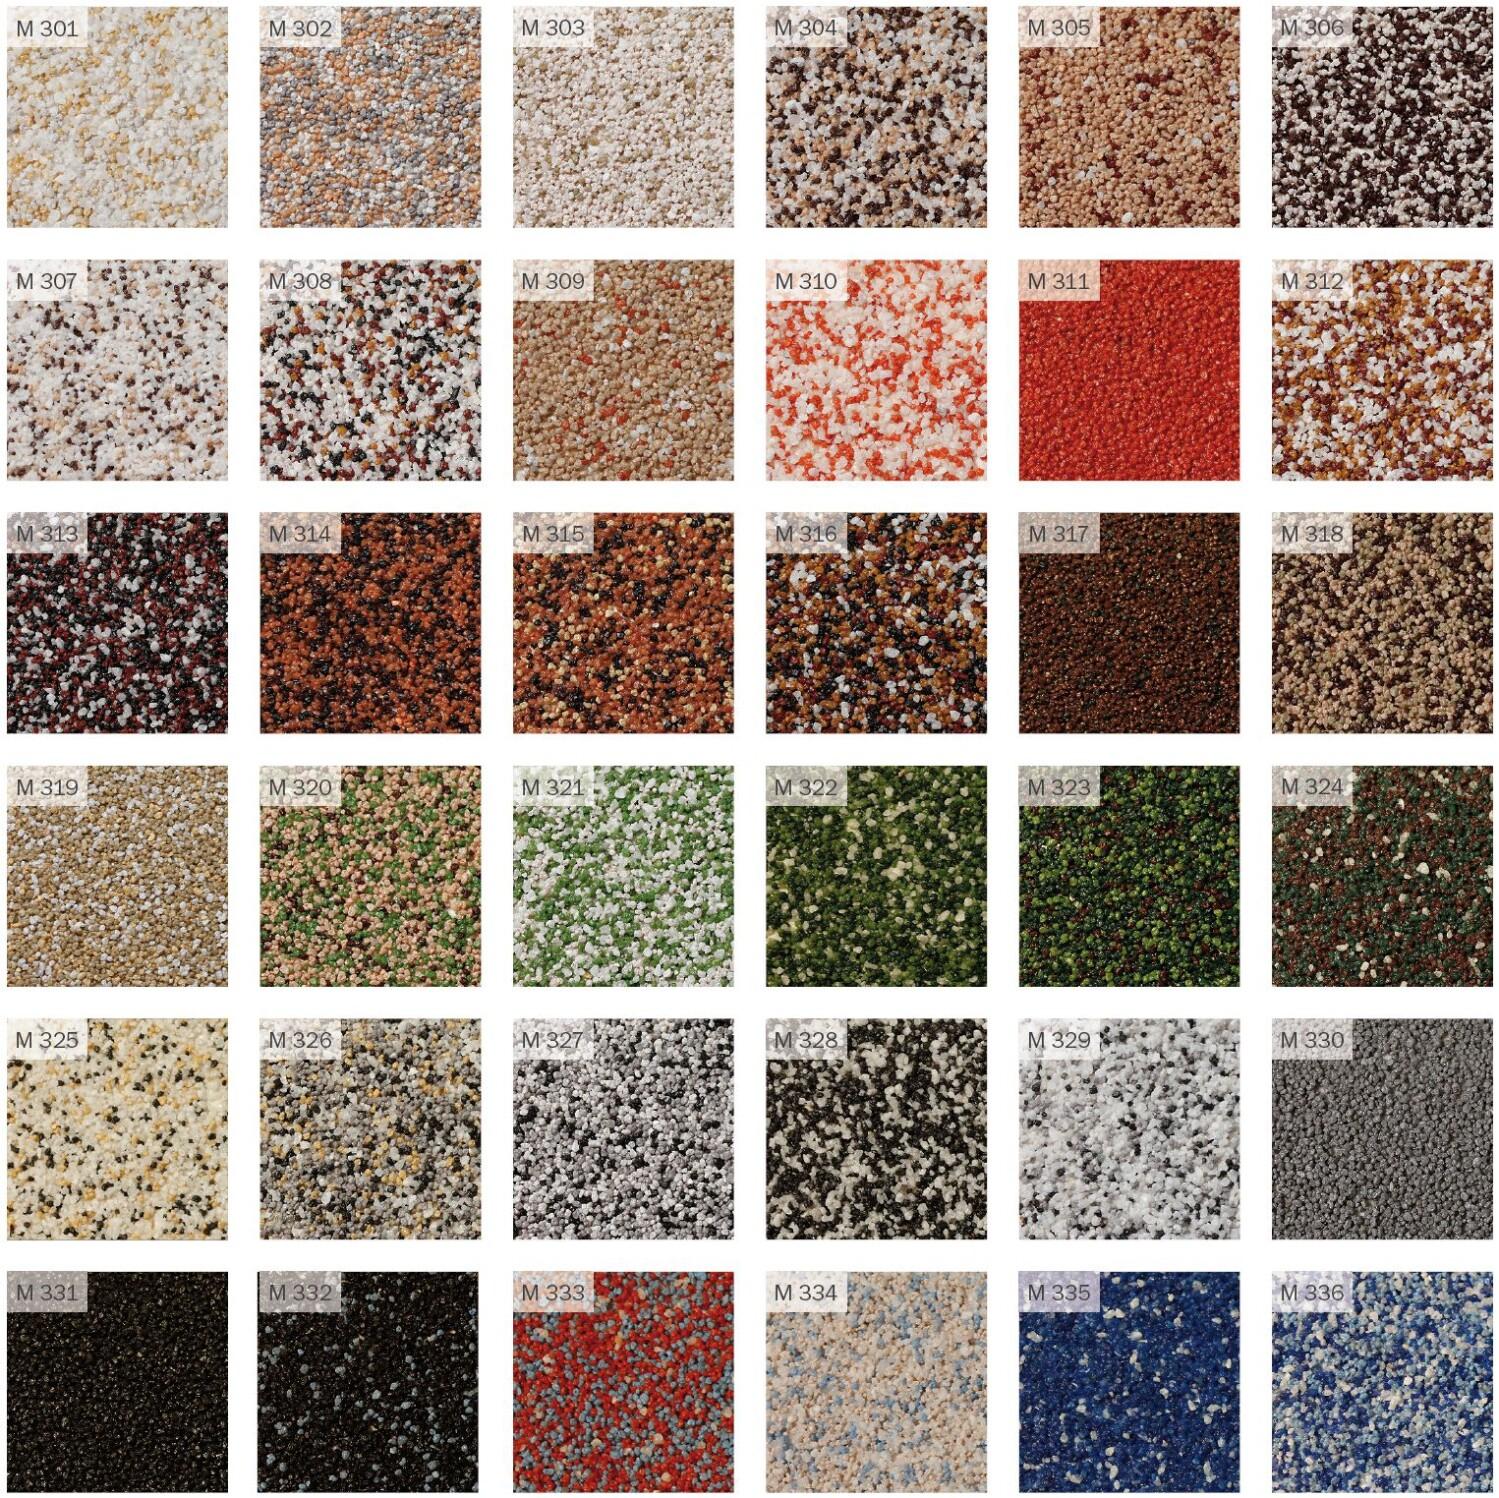 Beliebt Mosaikputz richtig verarbeiten - Mosaikputz verarbeiten BG04